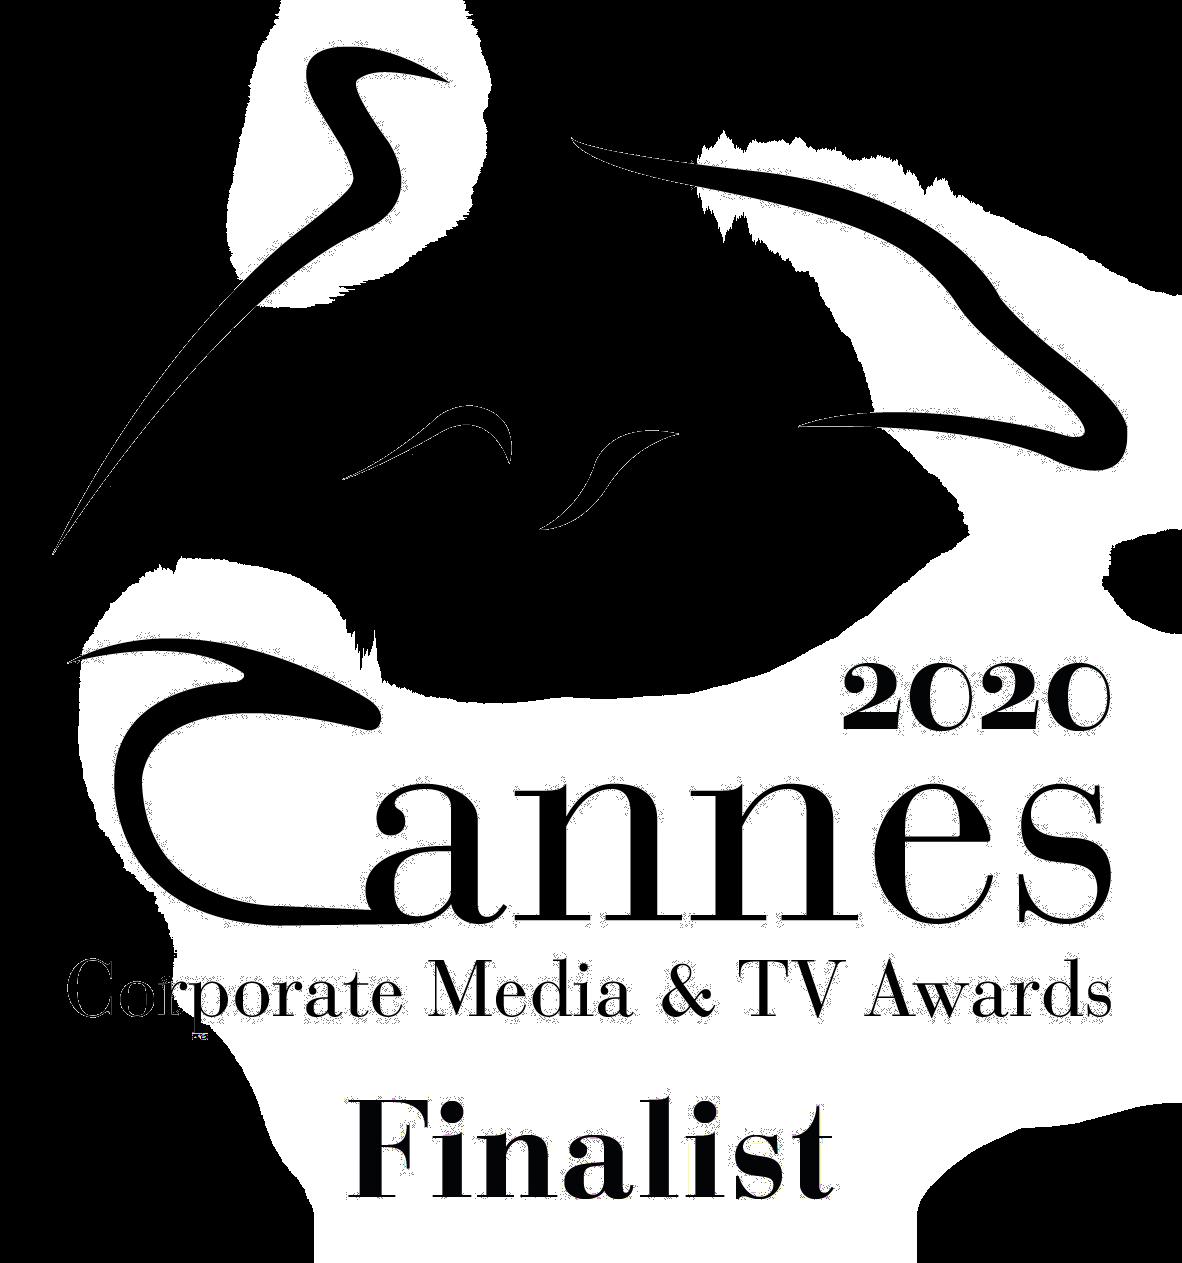 Cannes 2020_Finalist_inPixio